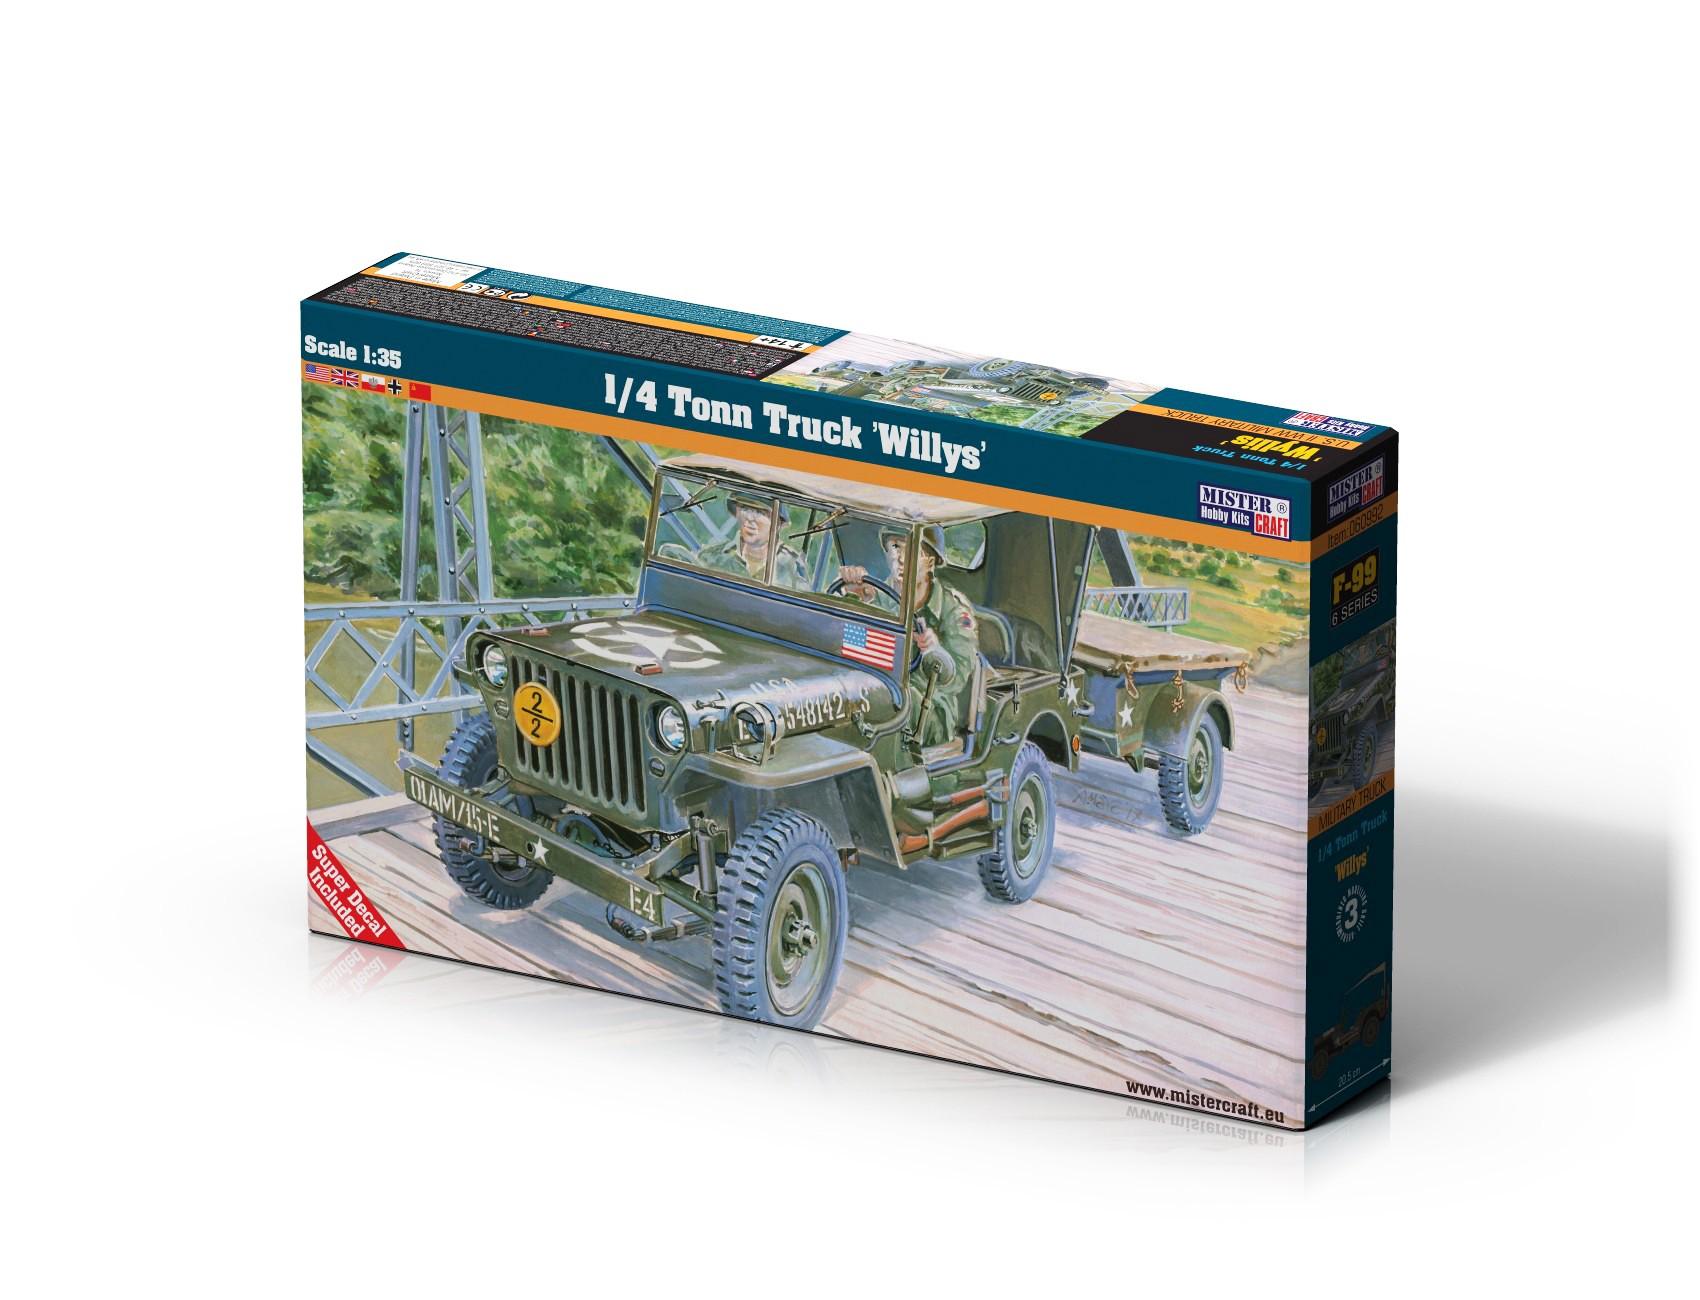 F-299 1/4 Tonn Truck Willys   1:35